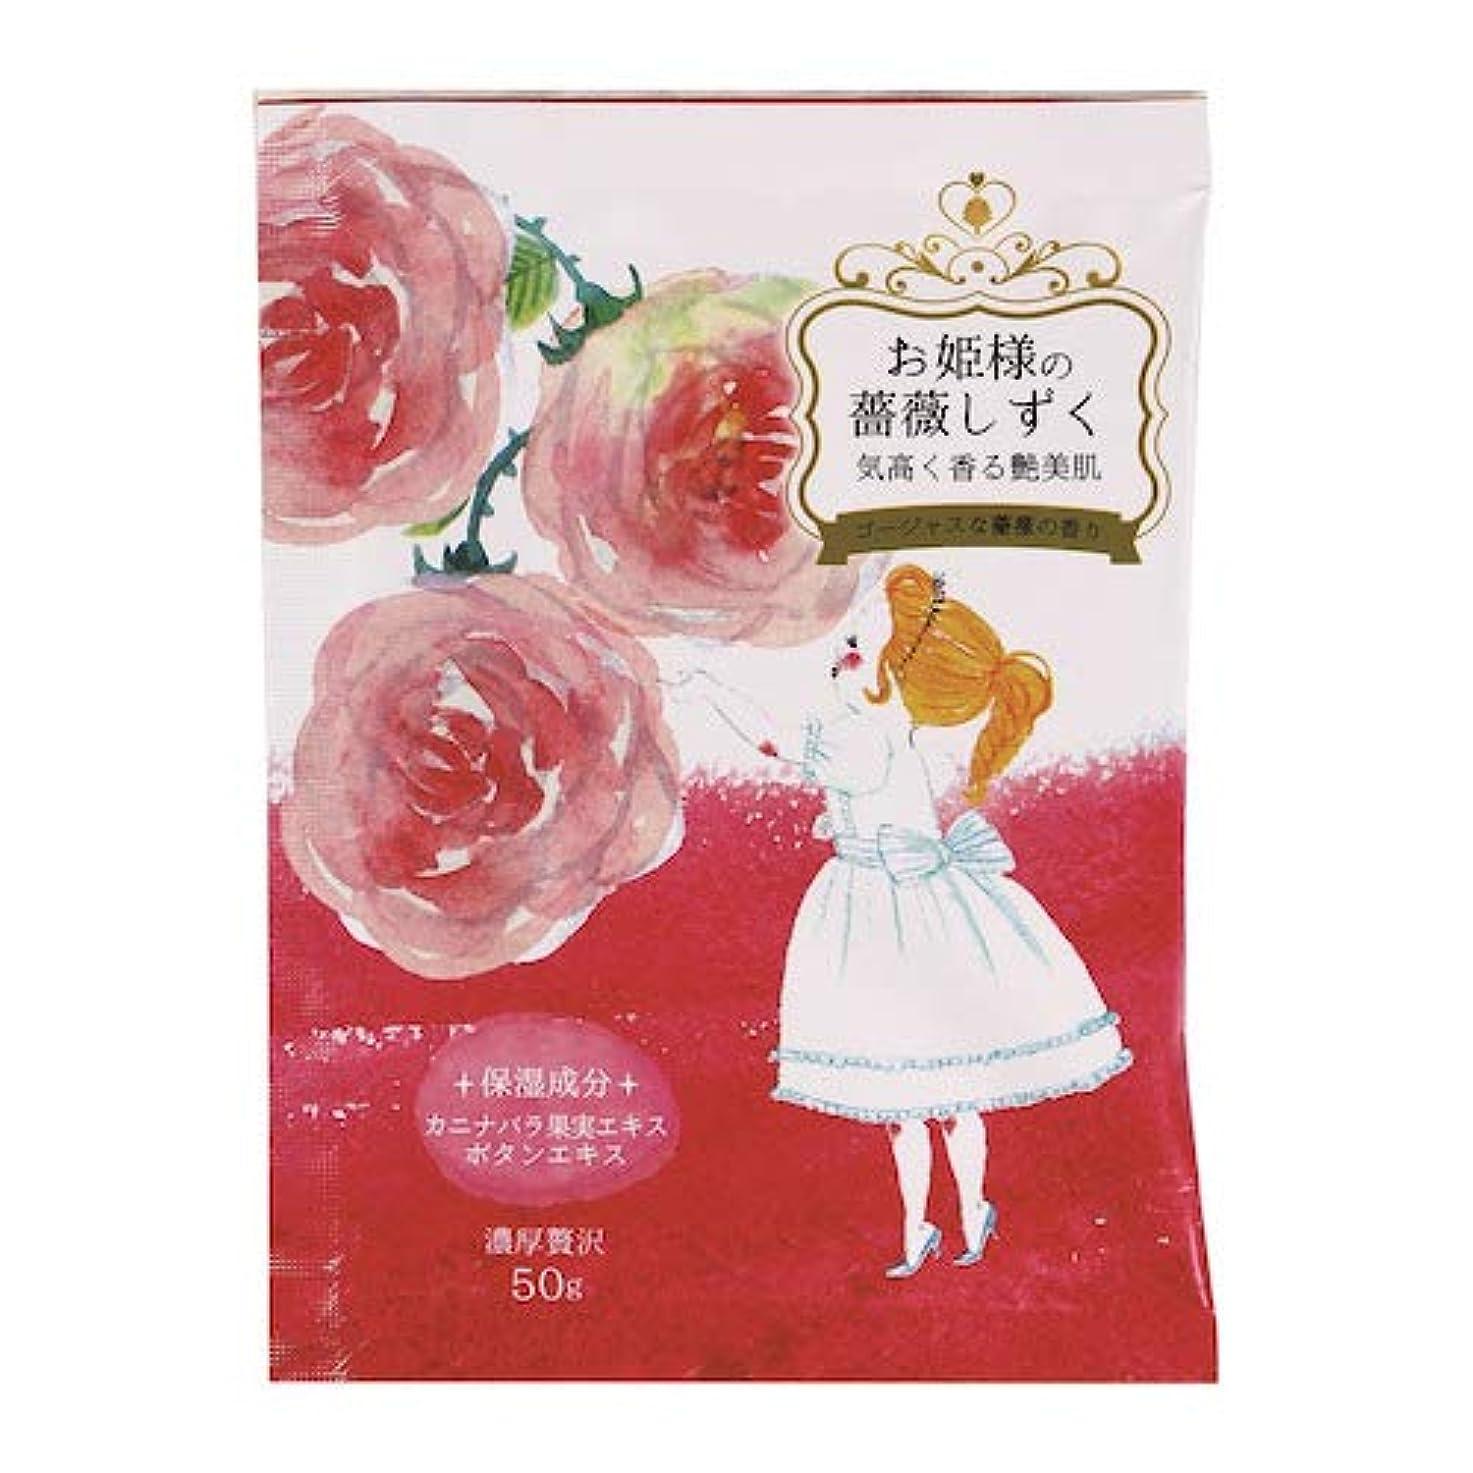 ファックス真珠のような偉業紀陽除虫菊 お姫様の薔薇しずく 50g